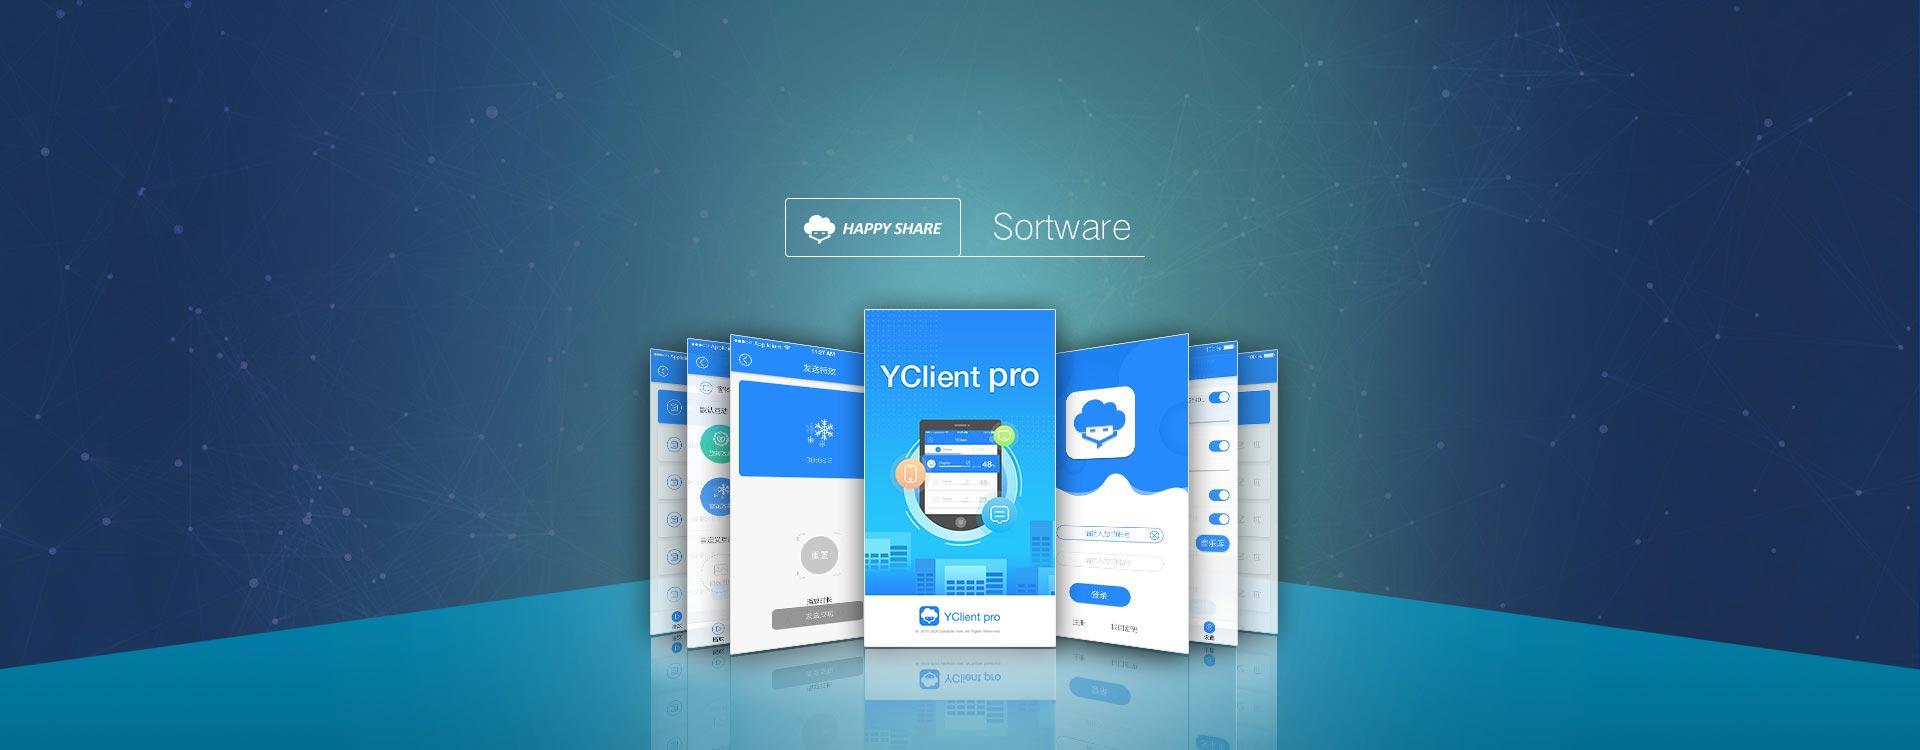 LS software